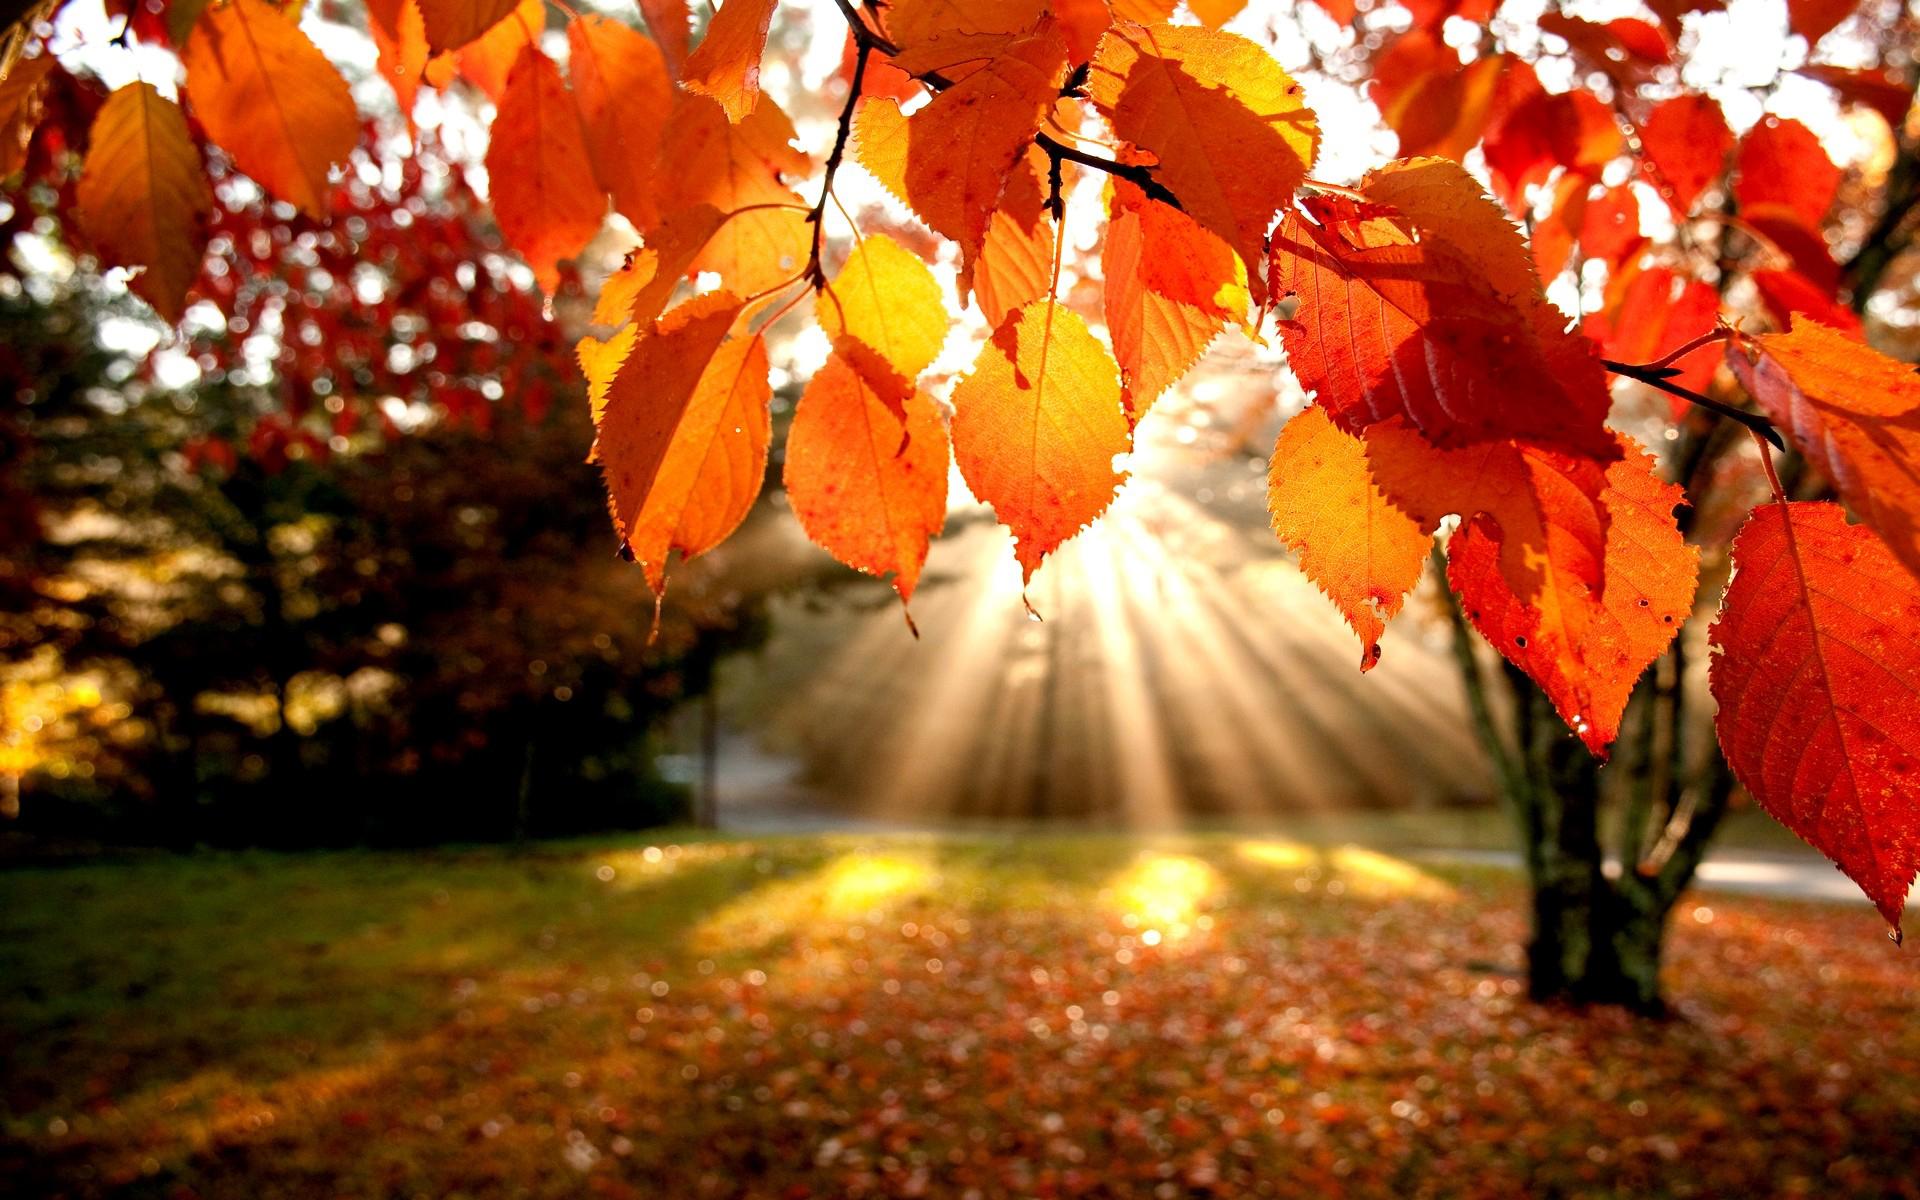 красивые картинки с осенью